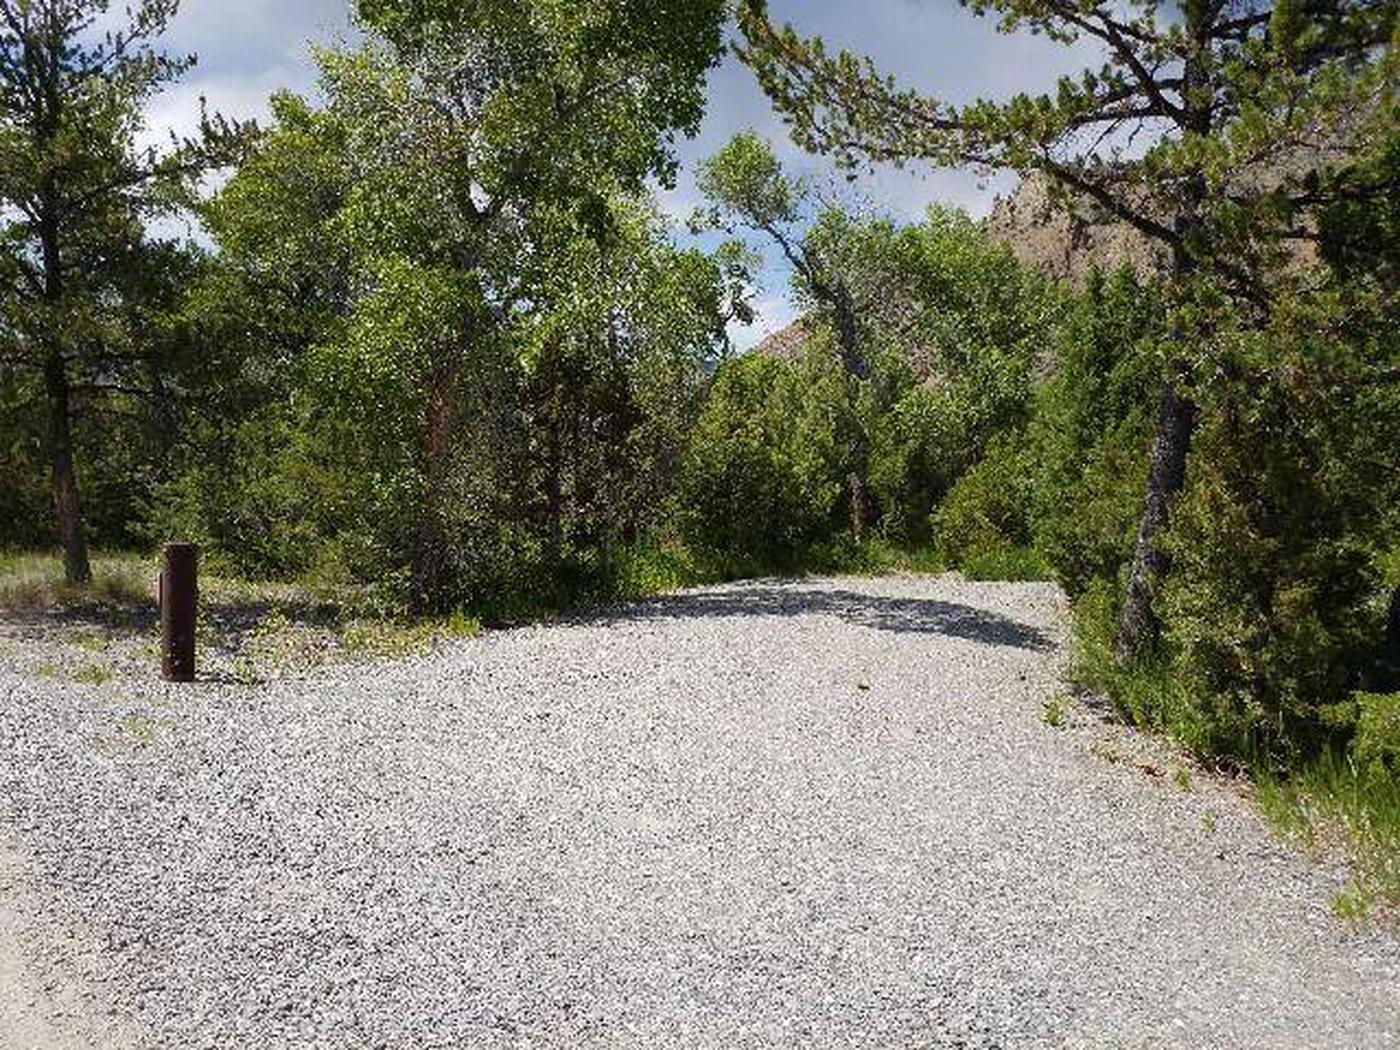 Wapiti Campsite 2 - Parking